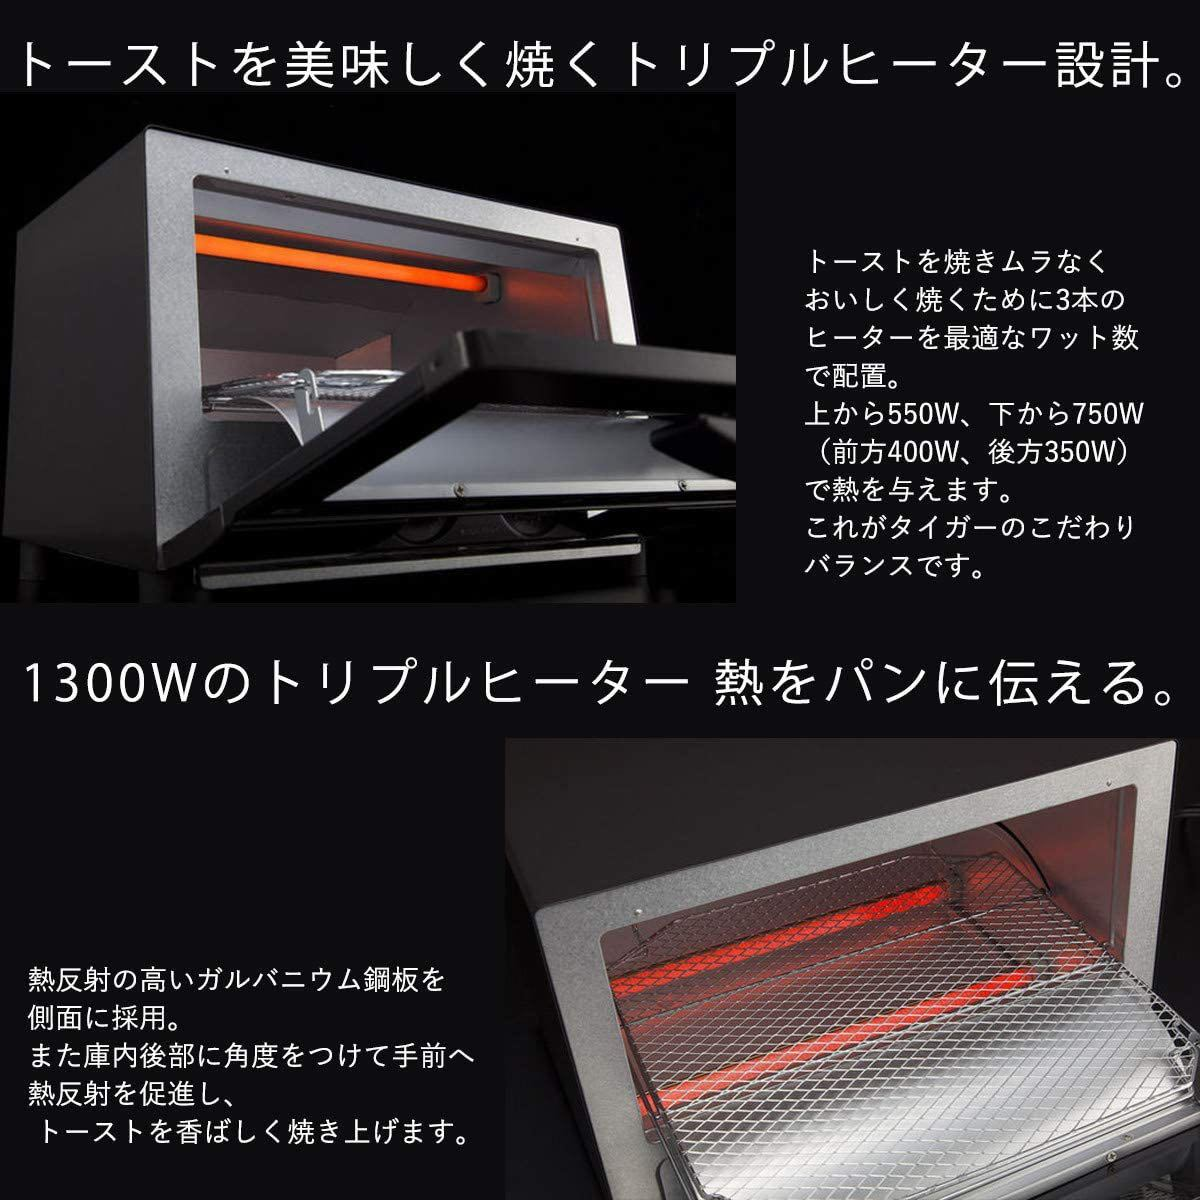 ◆新品・未開封◆タイガー魔法瓶 オーブントースター うまパントースター マットレッド KAE-G13N◆